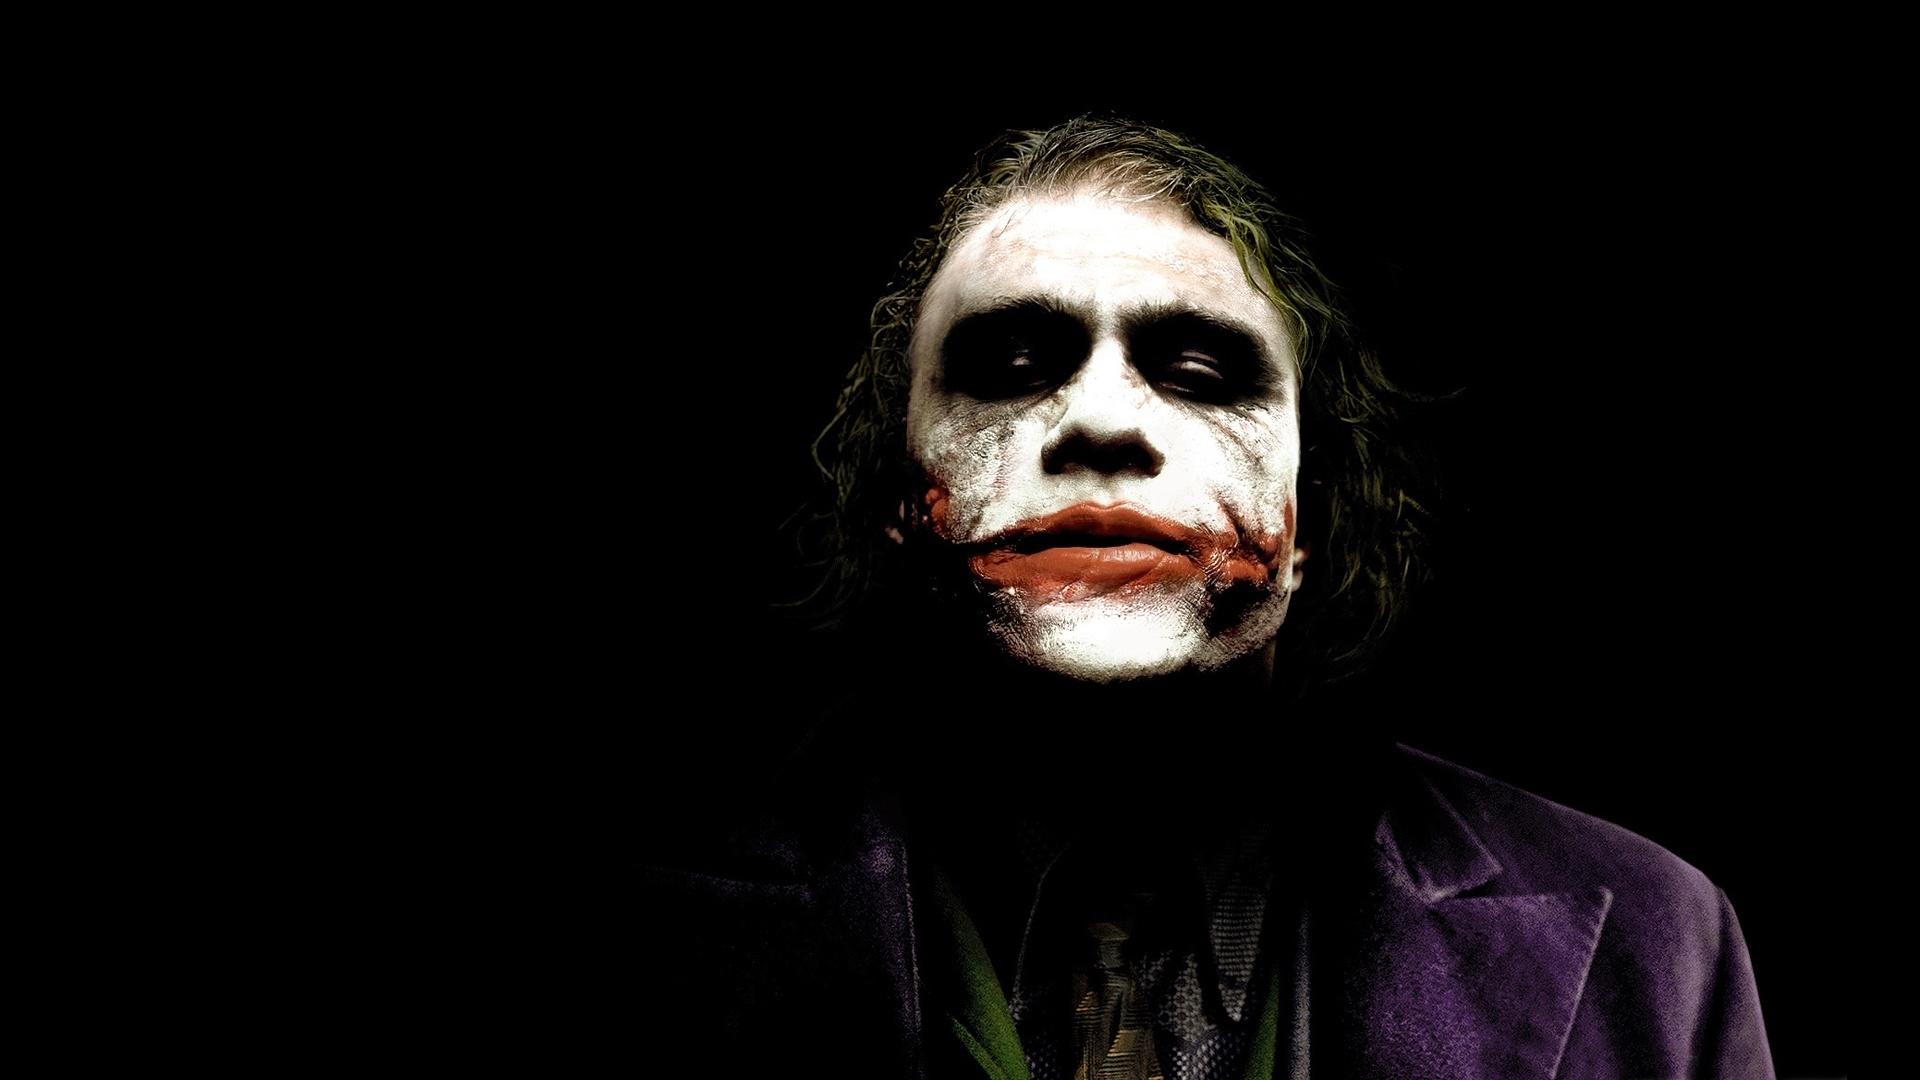 Joker 1080P HD Wallpaper 1920x1080